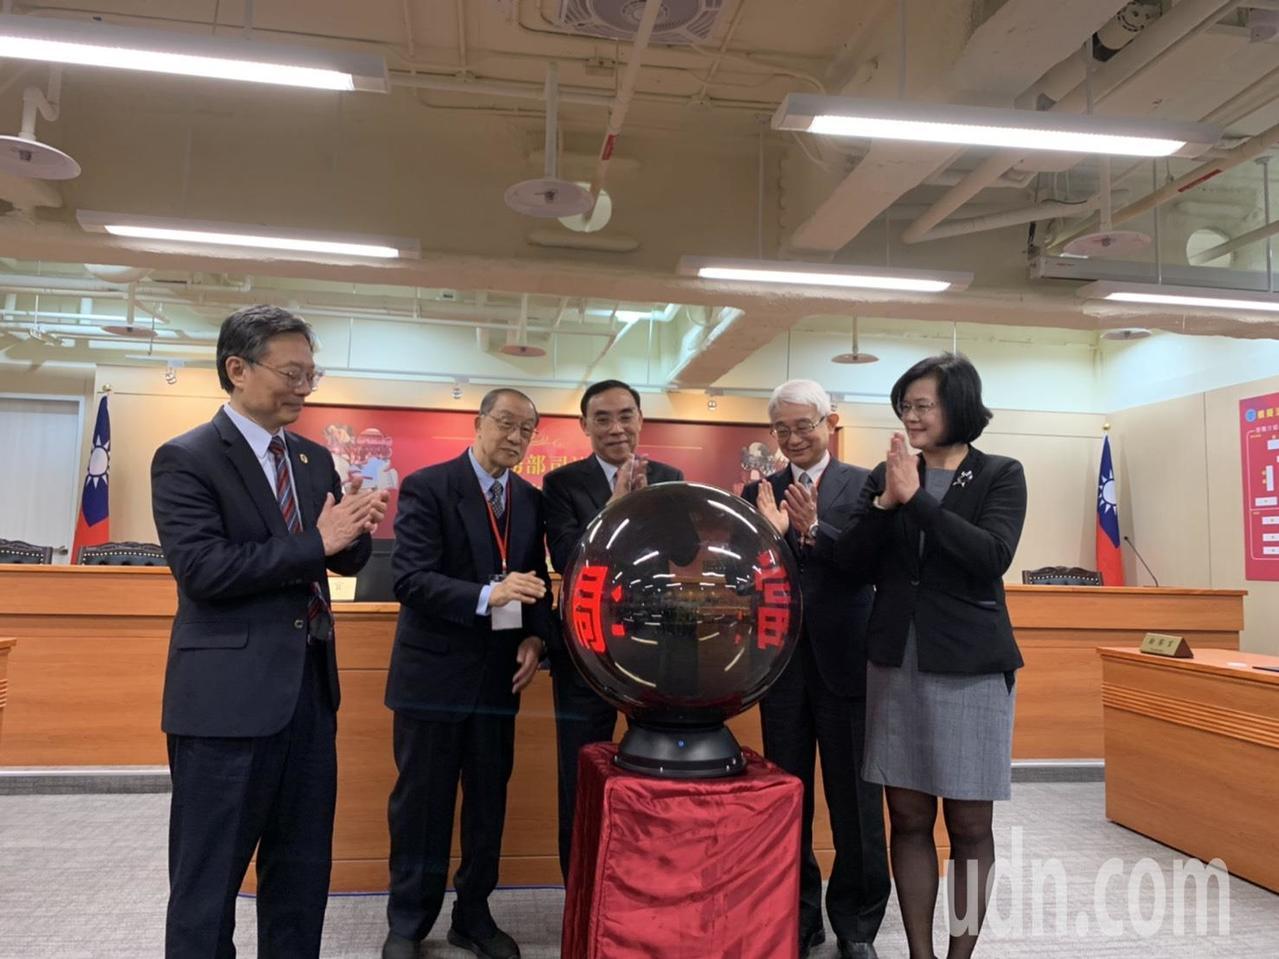 司法官學院今舉行第二辦公室啟用典禮。記者賴佩璇/攝影。